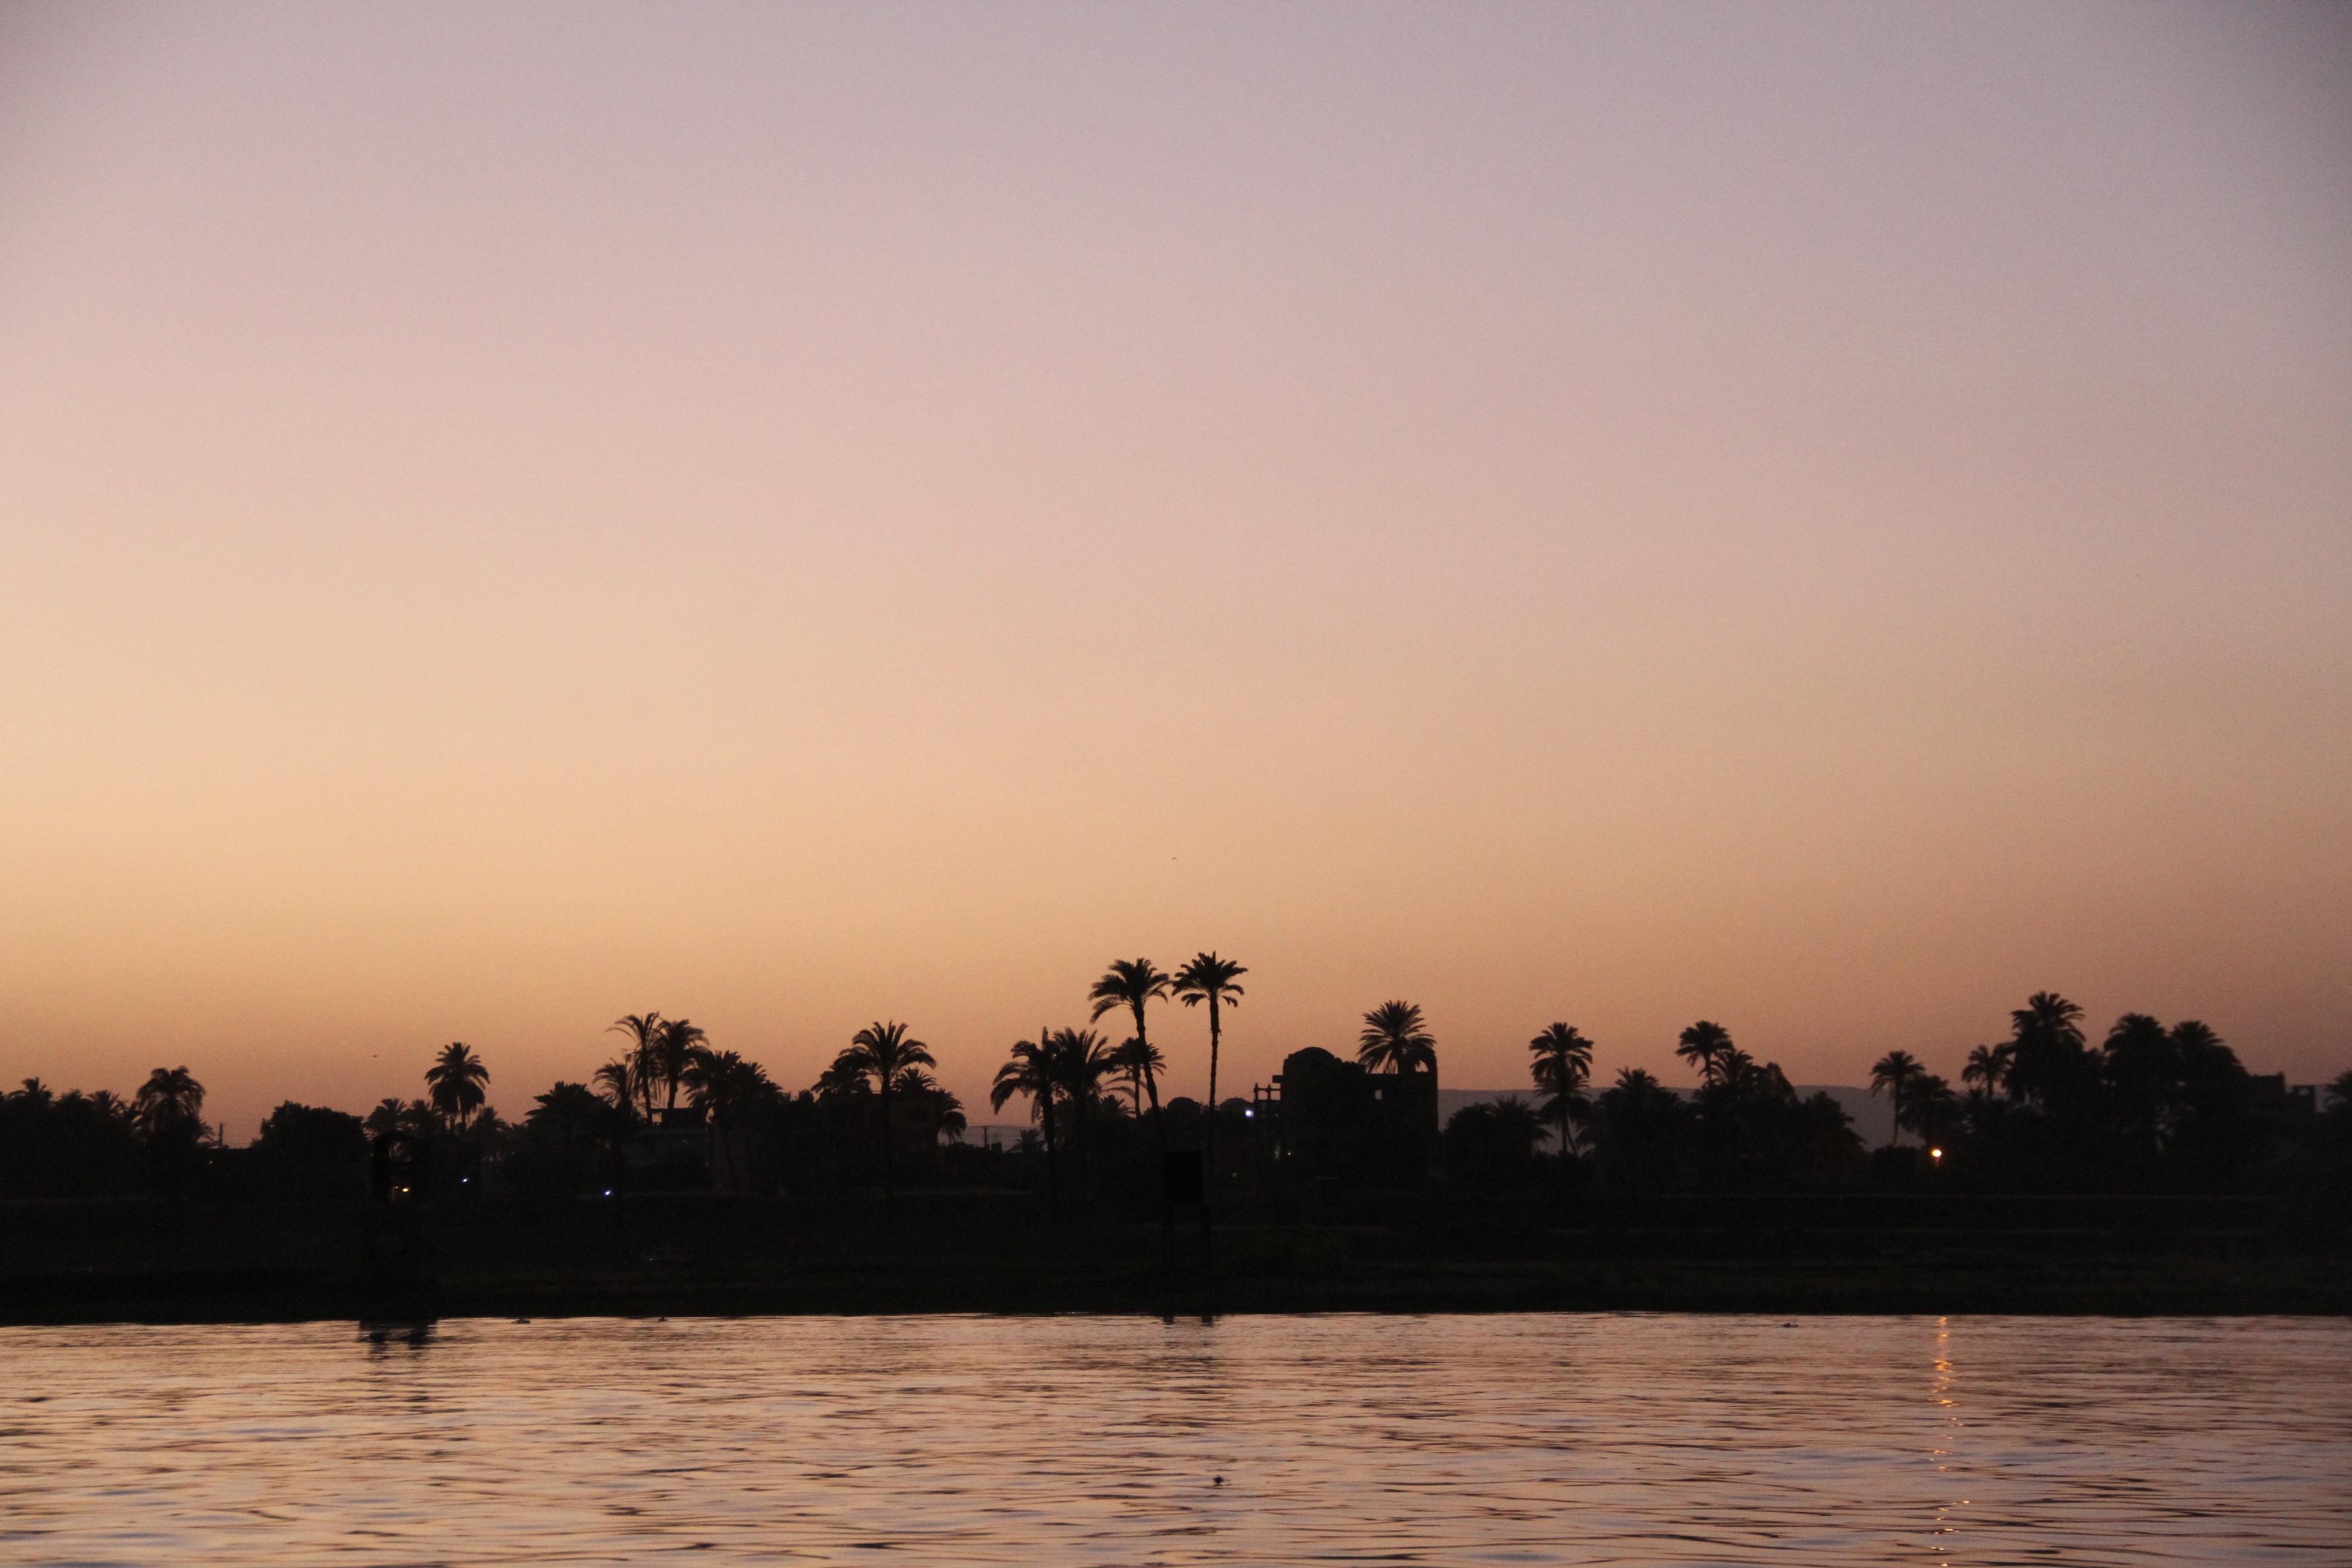 Луксор. Западный берег Нила. Вечер